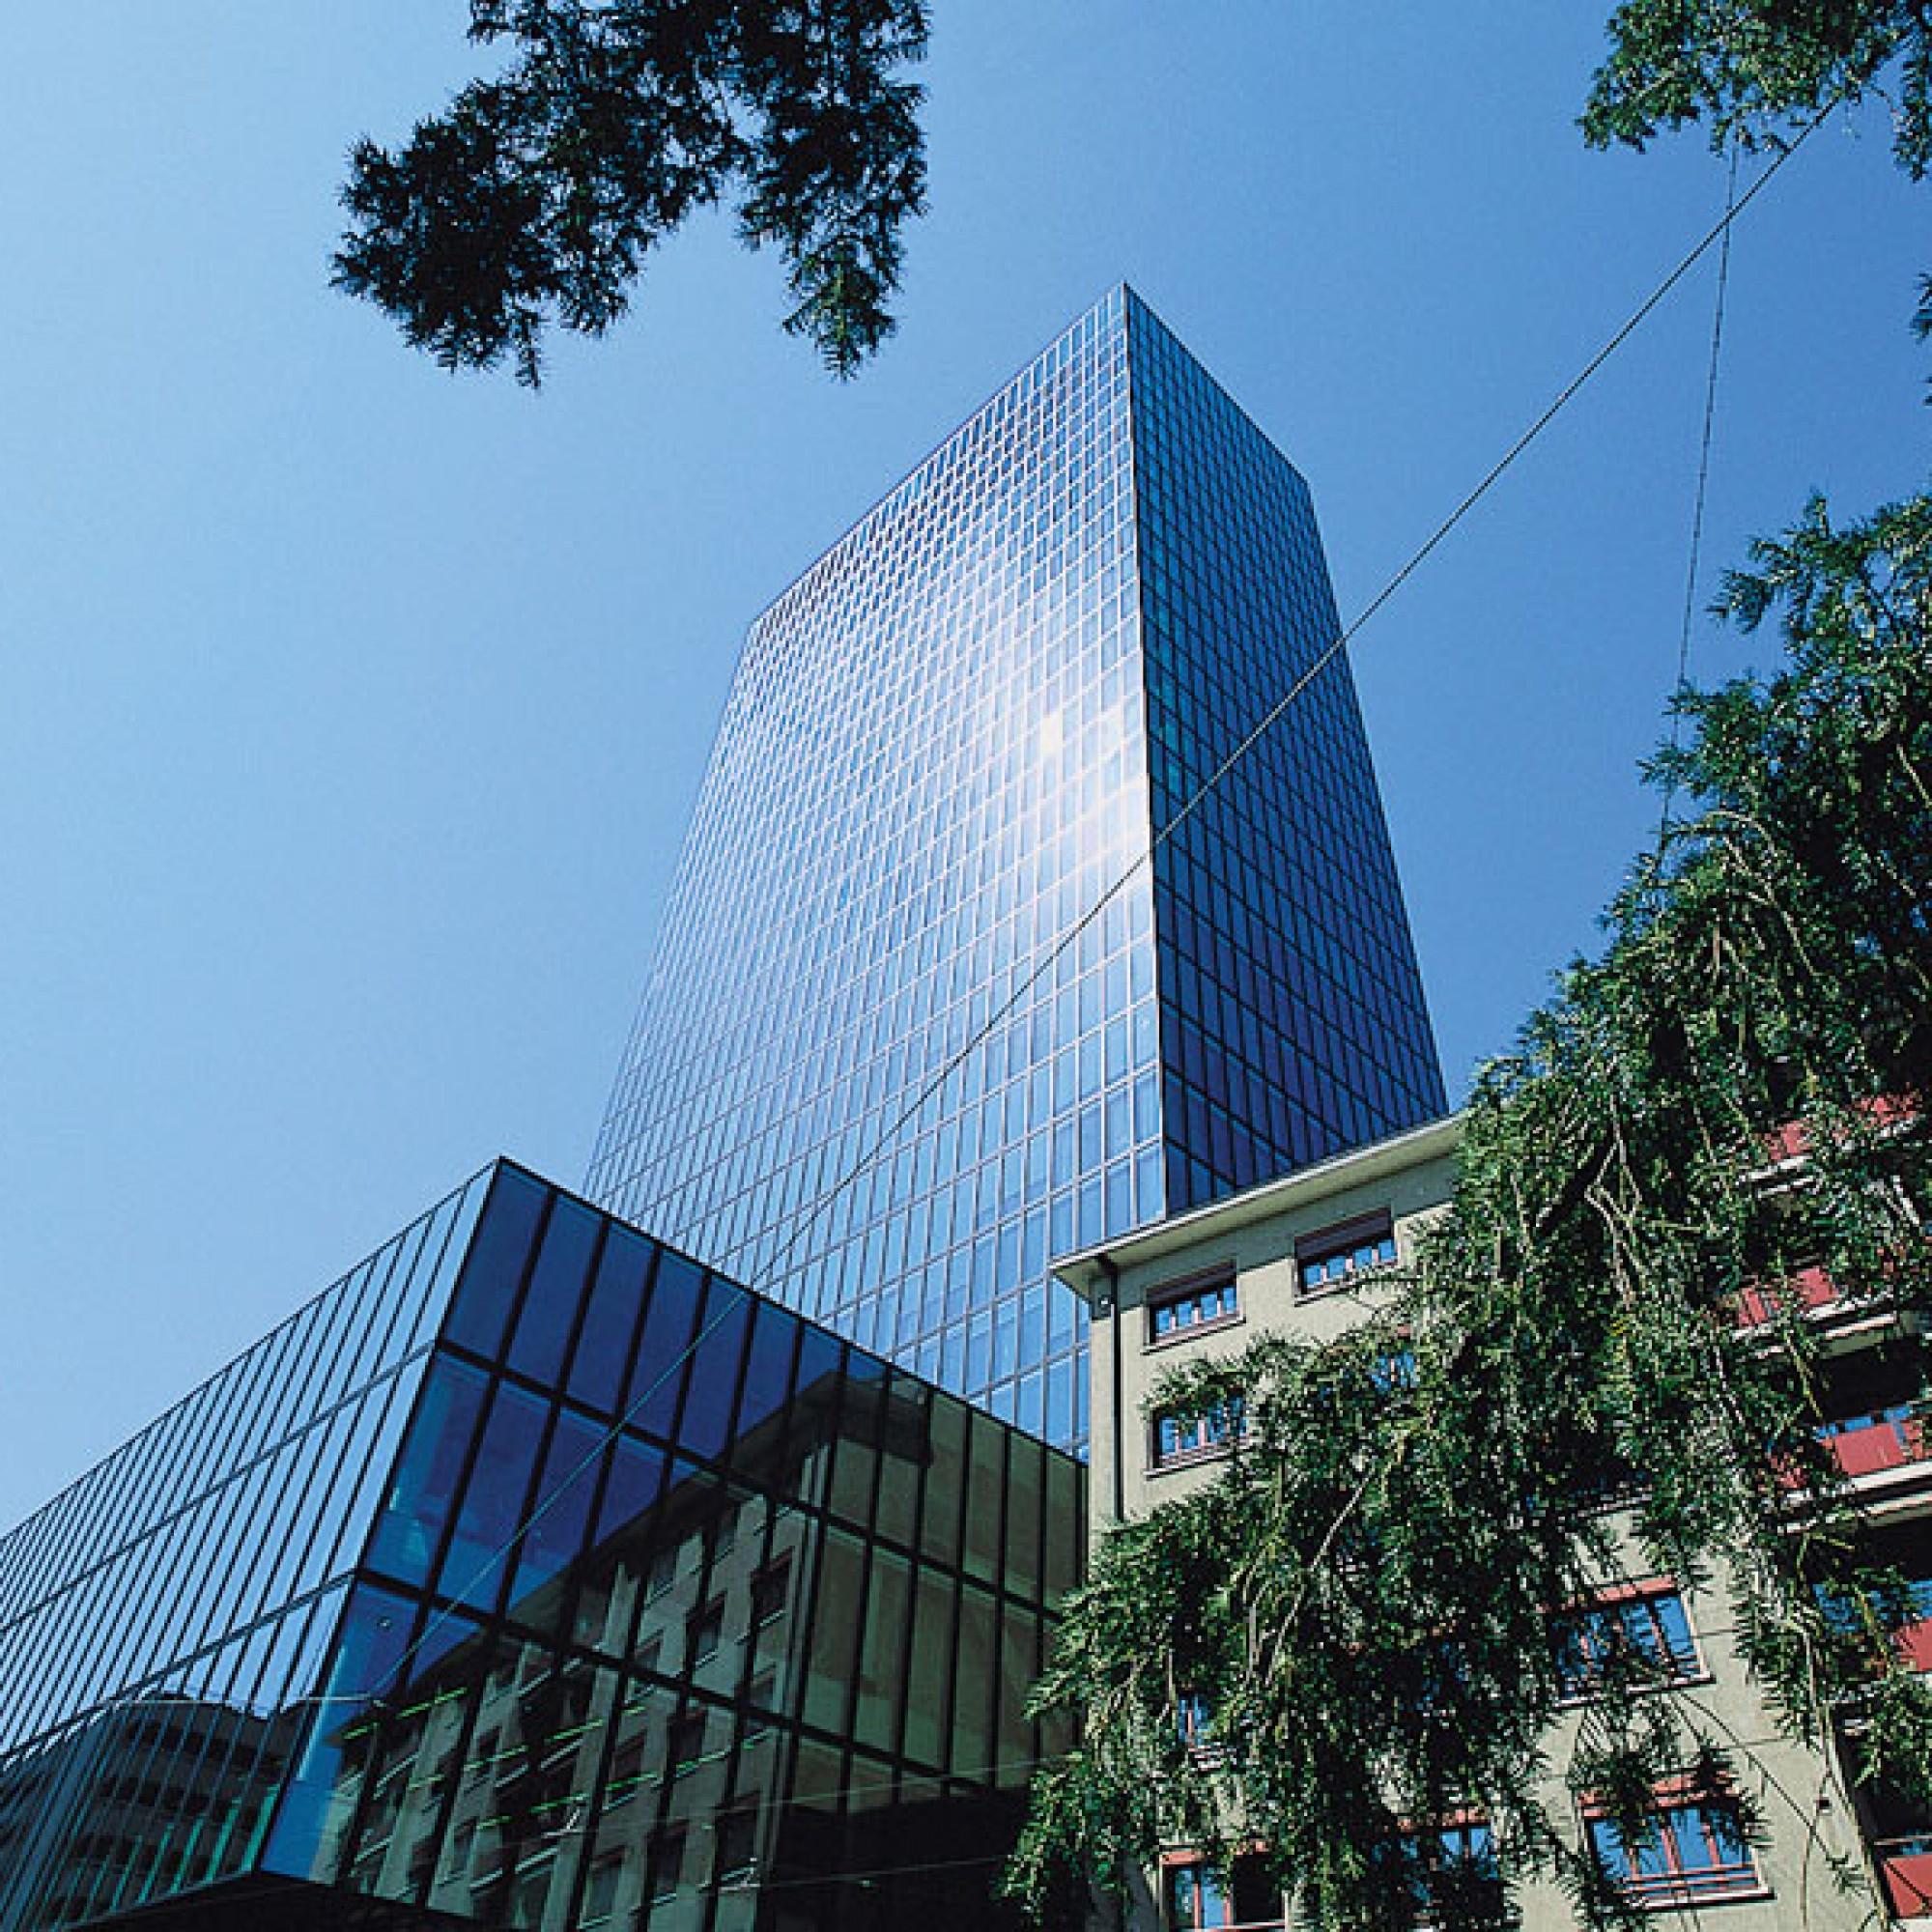 Der bestehende Messeturm in Basel wurde 2003 eröffnet und erreicht eine Höhe von 105 Metern (Messe Basel)